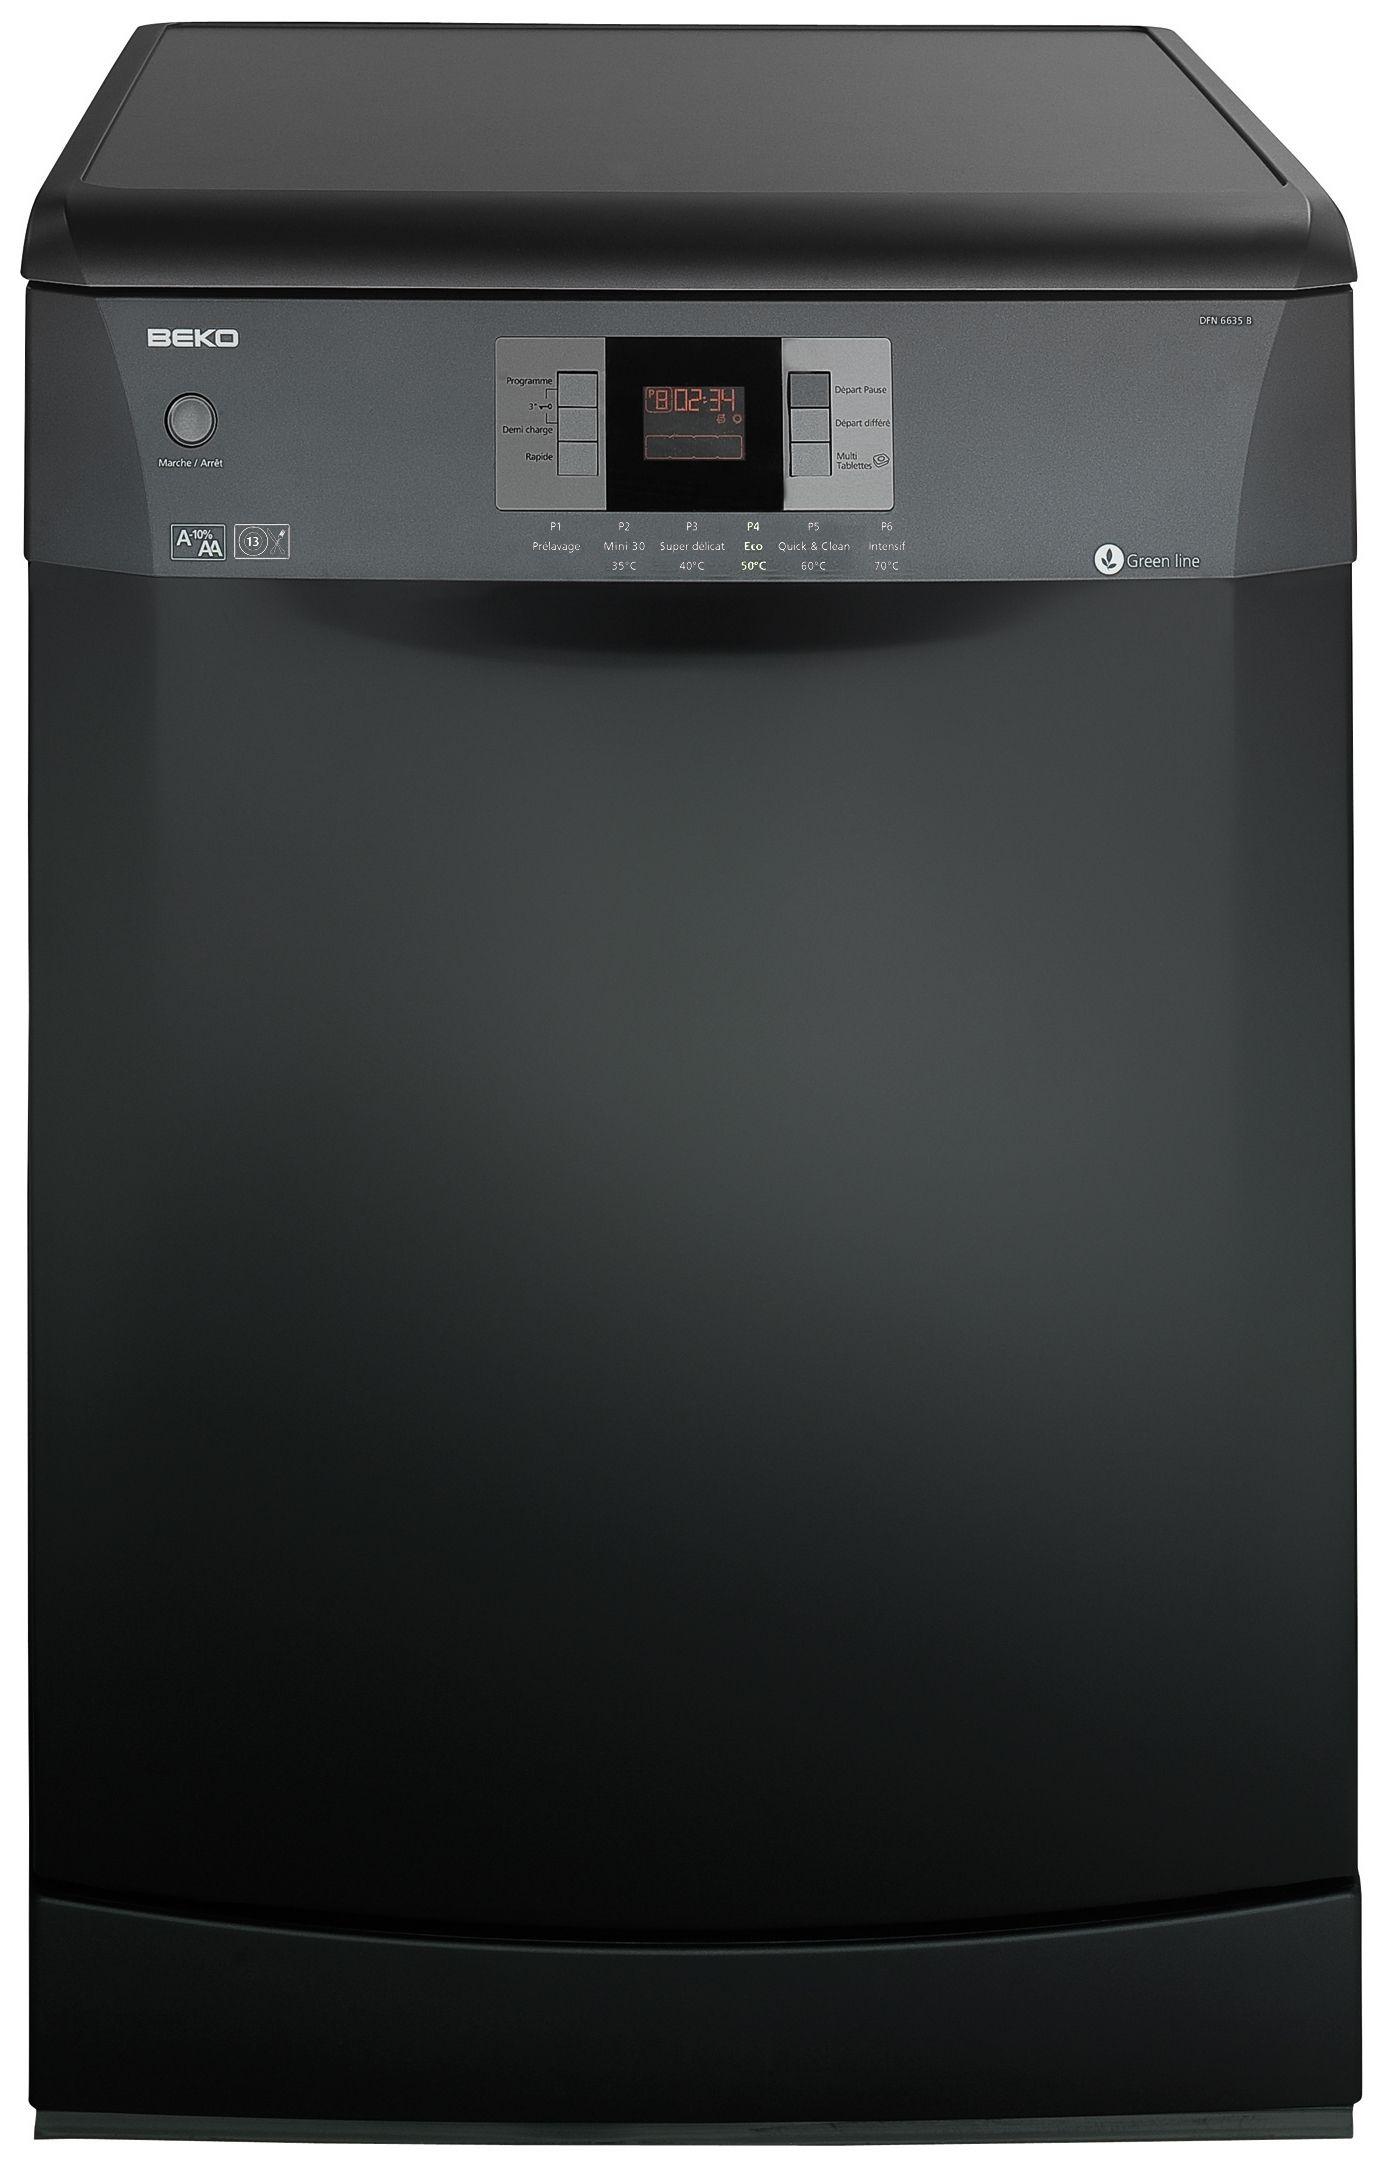 BEKO DFN 6635 B Lave-Vaisselle 13 Couverts - Achat   Vente LAVE-VAISSELLE -  Cdiscount 25b88f075597